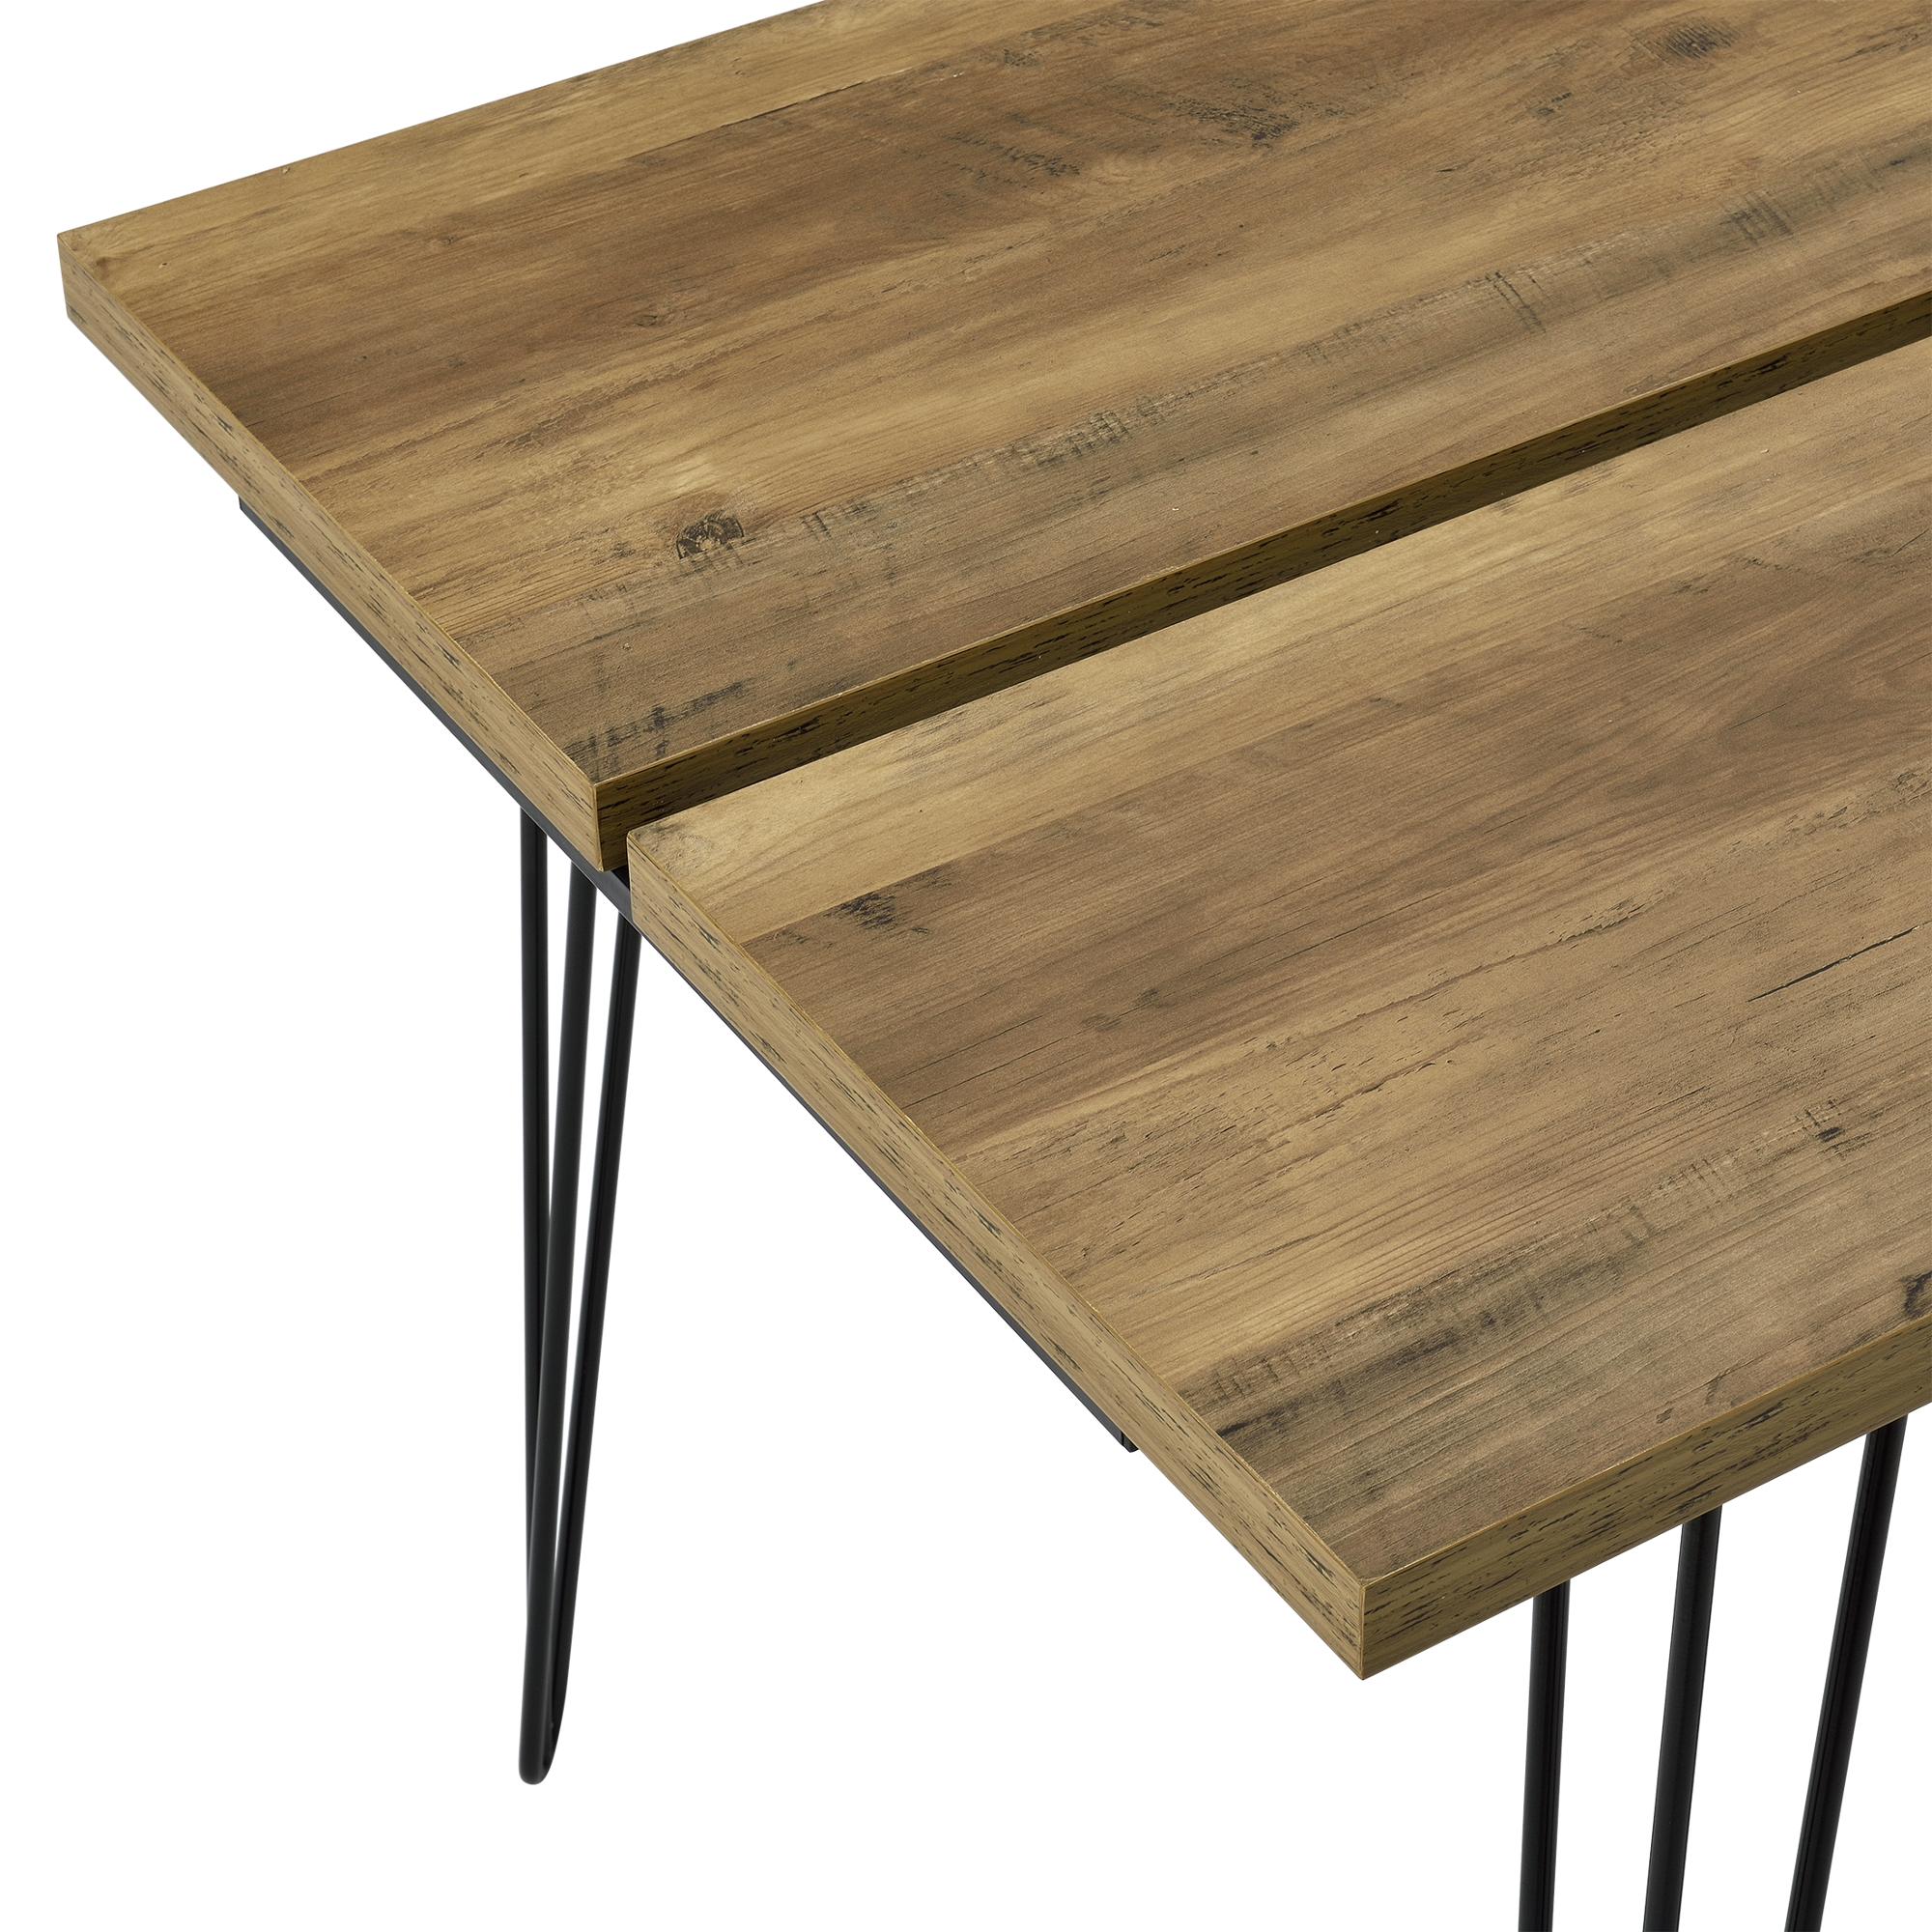 esstisch 160x75cm k chentisch esszimmer tisch hairpin legs holz optik 4059438998942. Black Bedroom Furniture Sets. Home Design Ideas